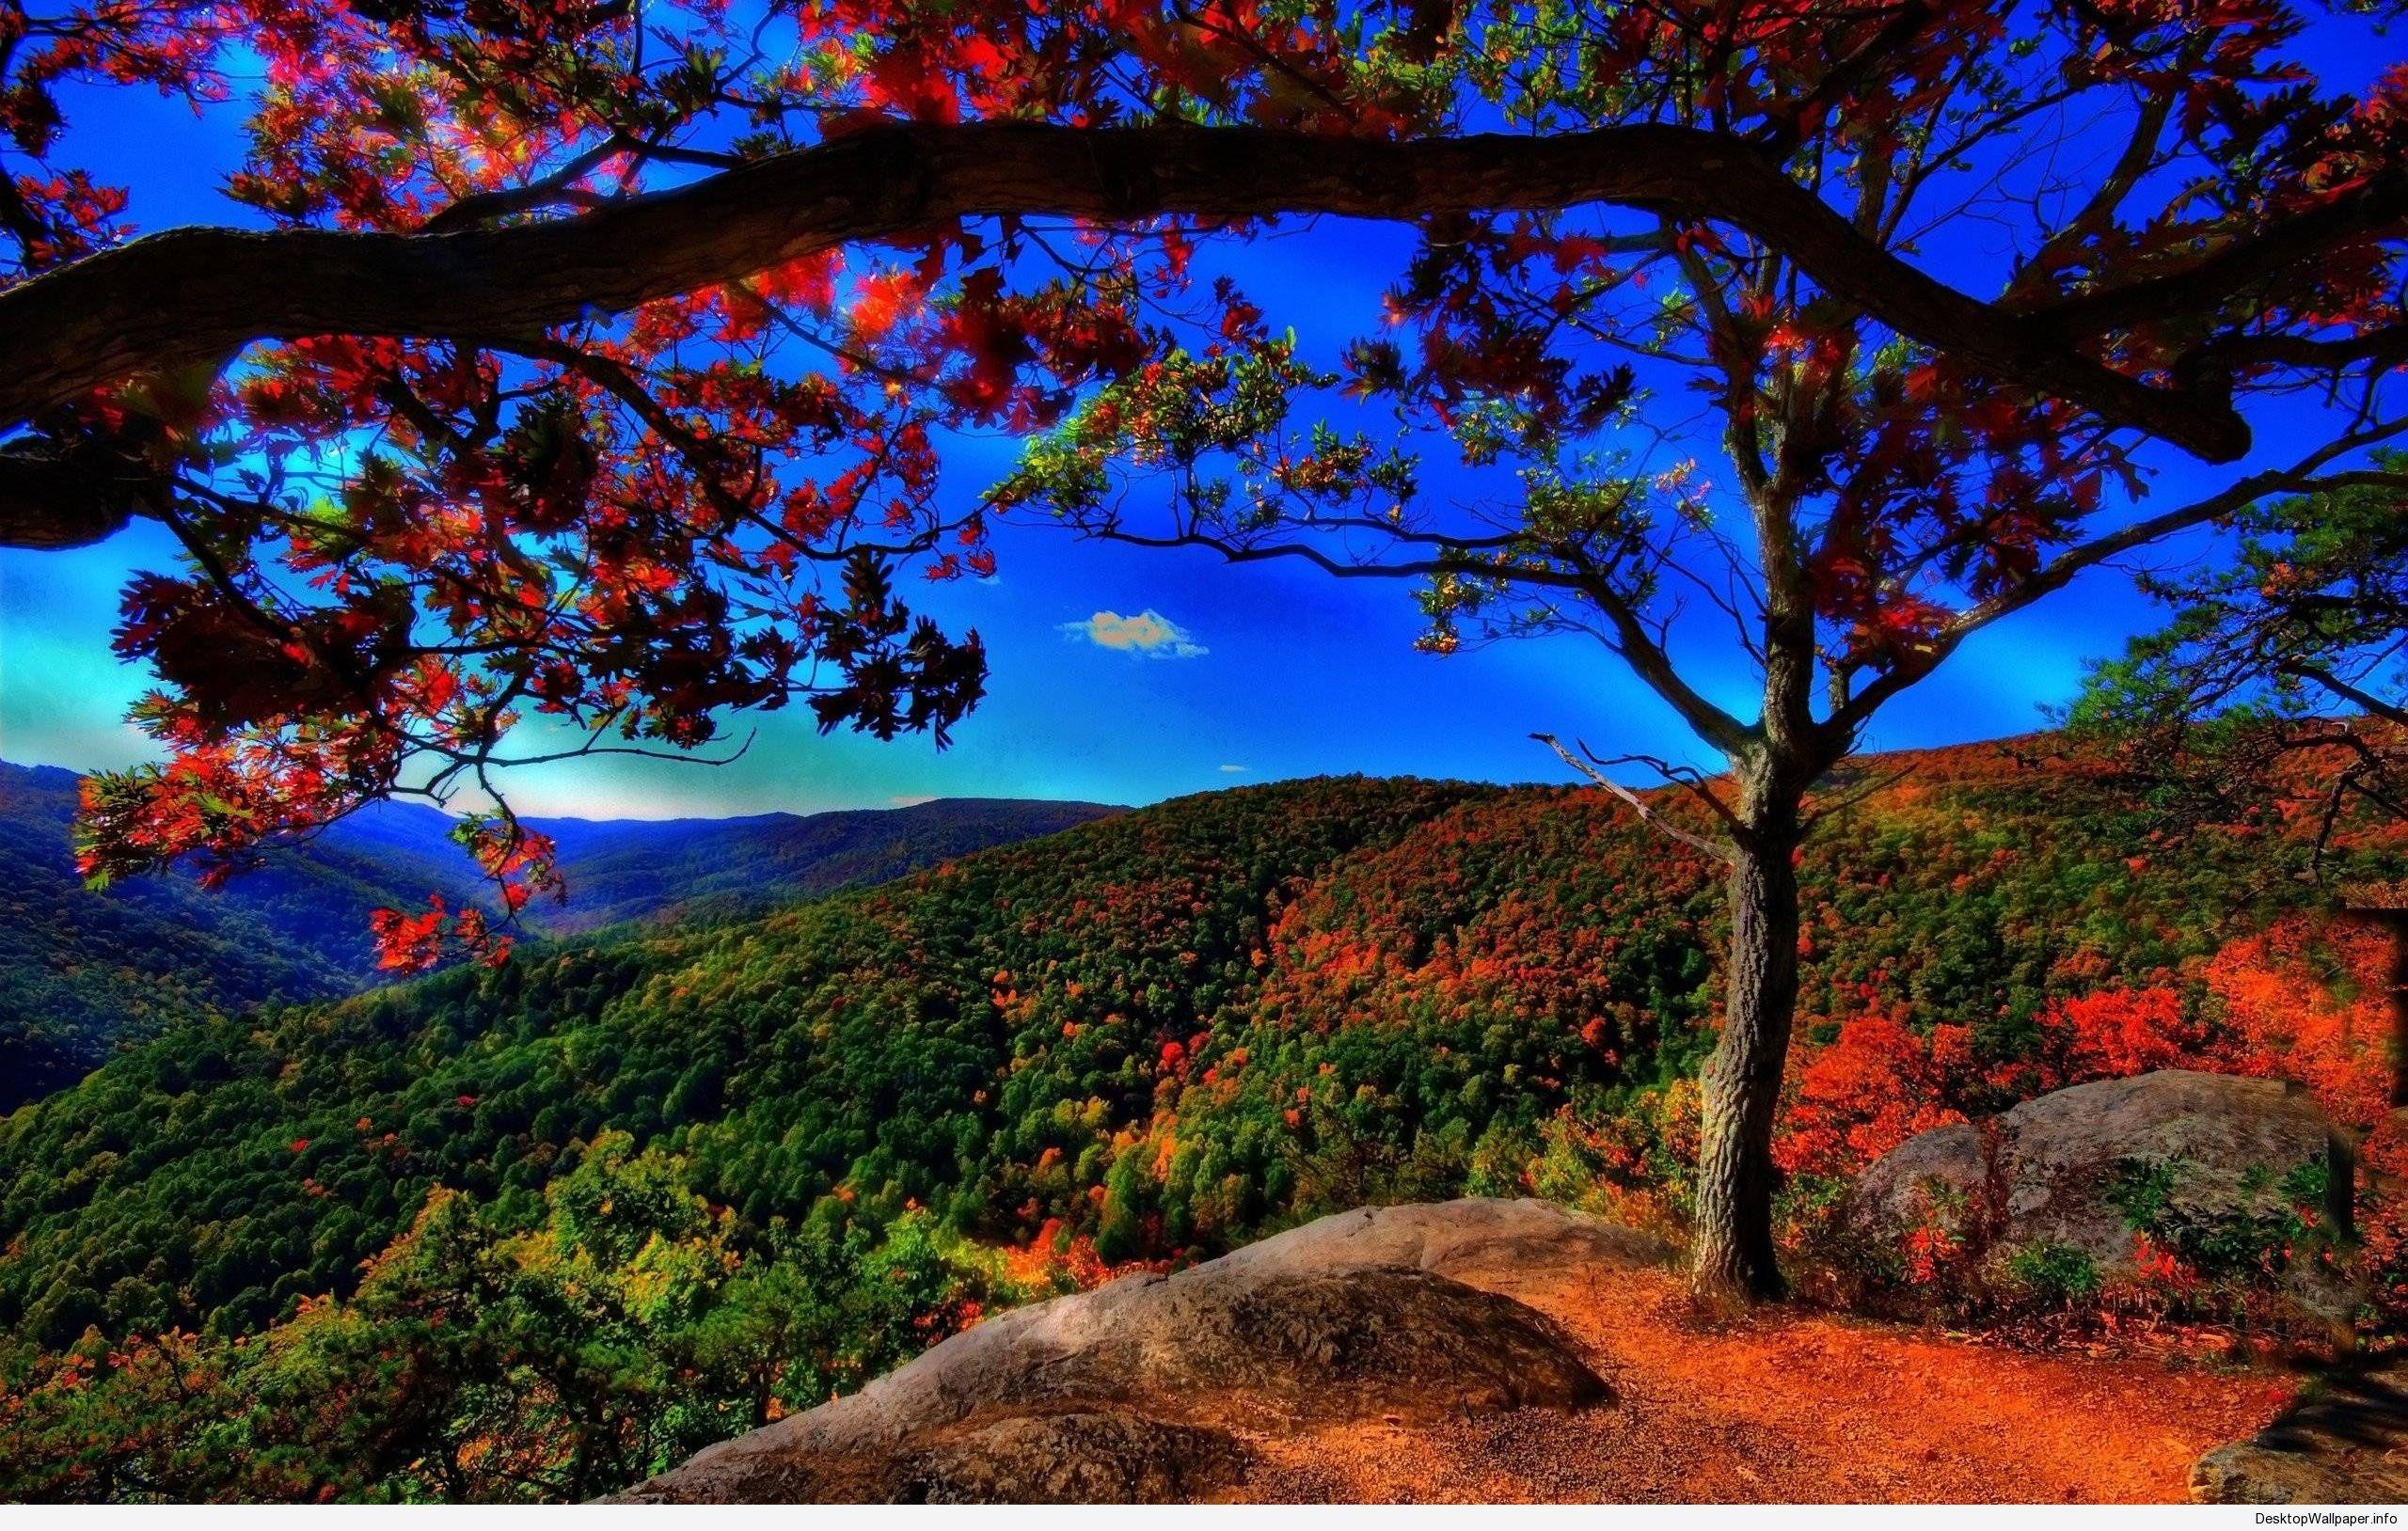 best scenery wallpaper - http://desktopwallpaper/best-scenery